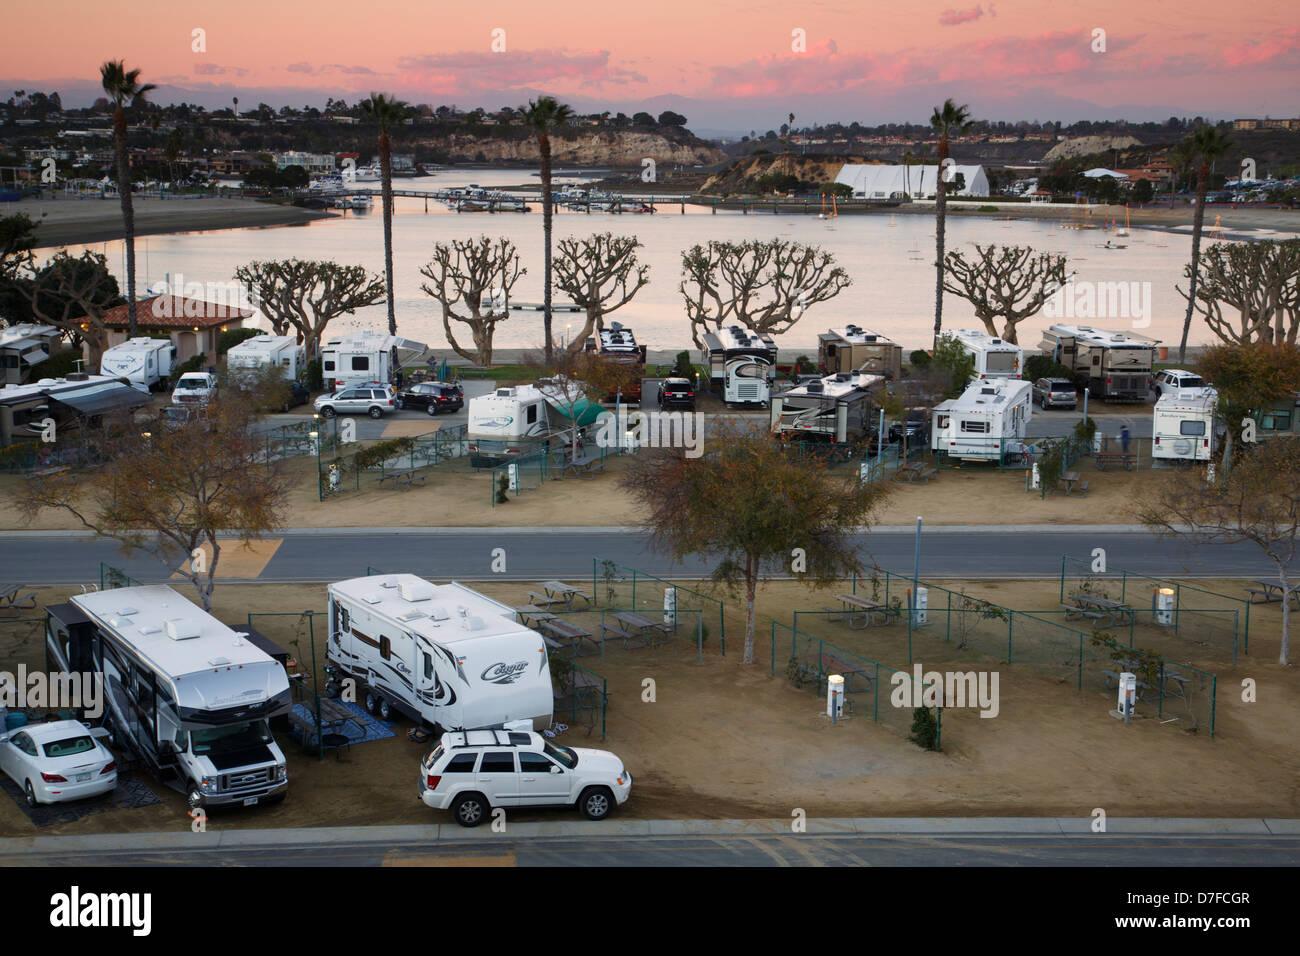 Newport Dune RV Resort, Newport Beach, Orange County, California. - Stock Image